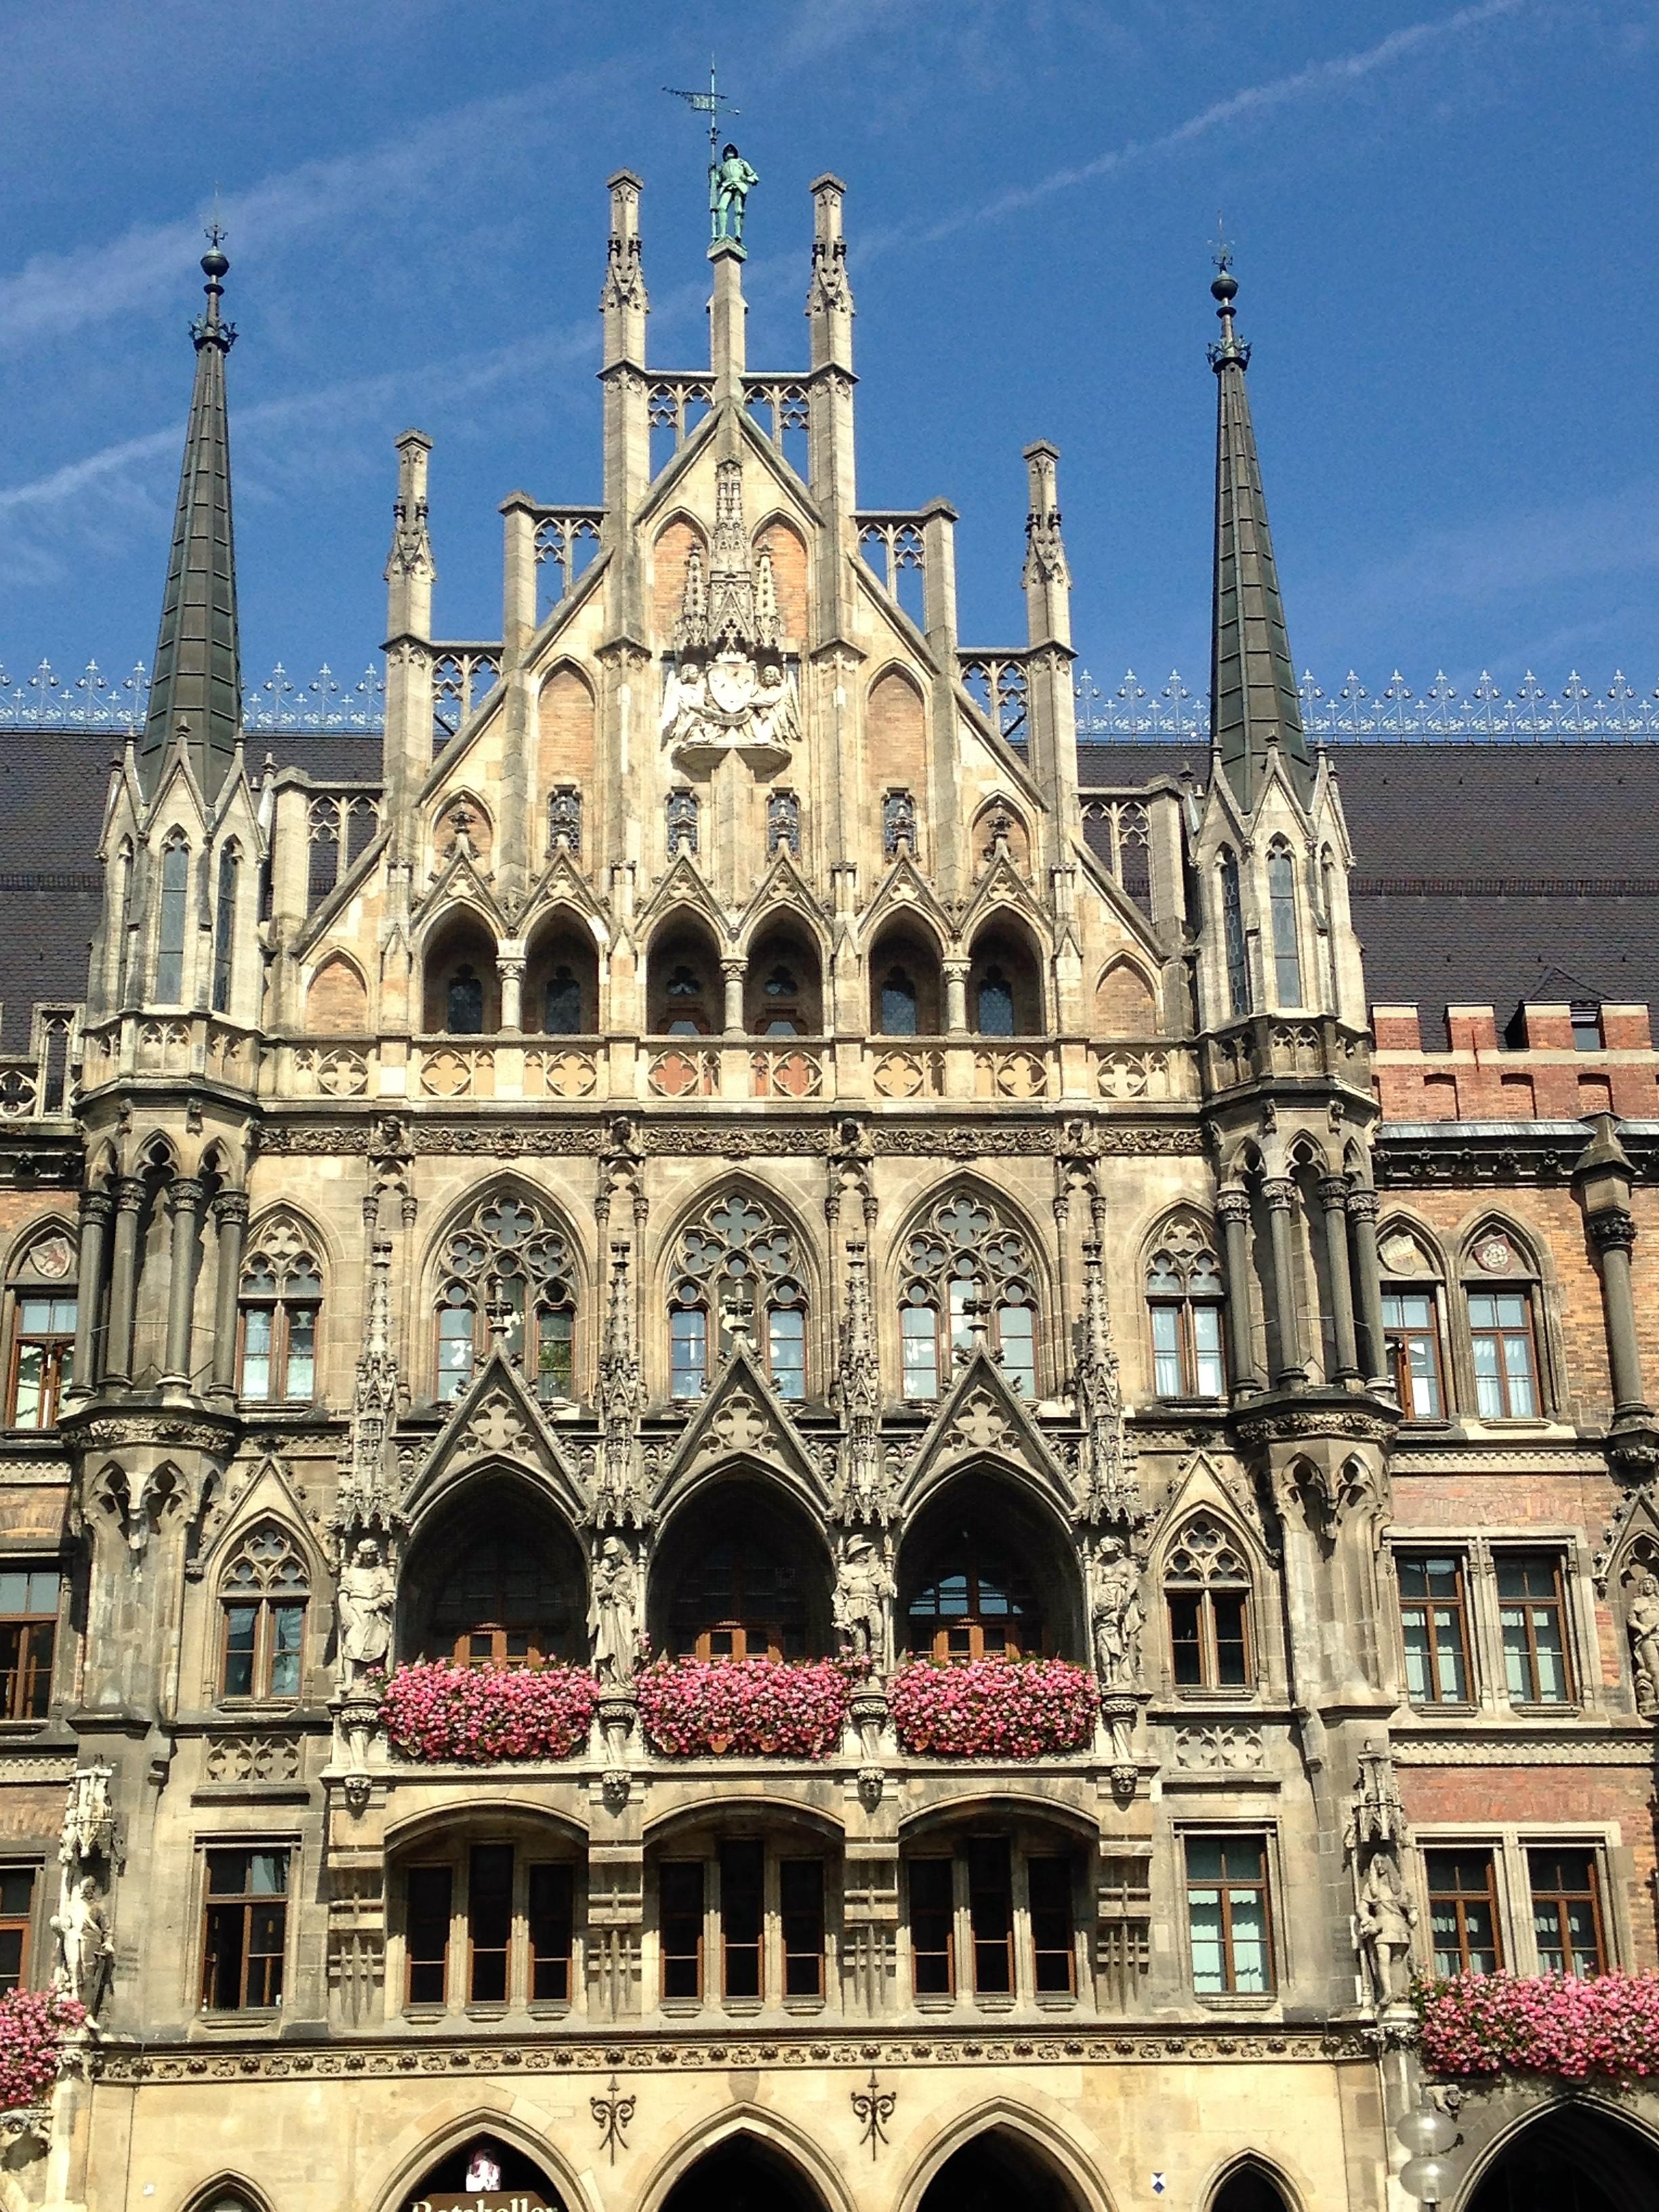 Neues Rathaus New Town Hall Munich Schone Stadtfuhrung In Munchen